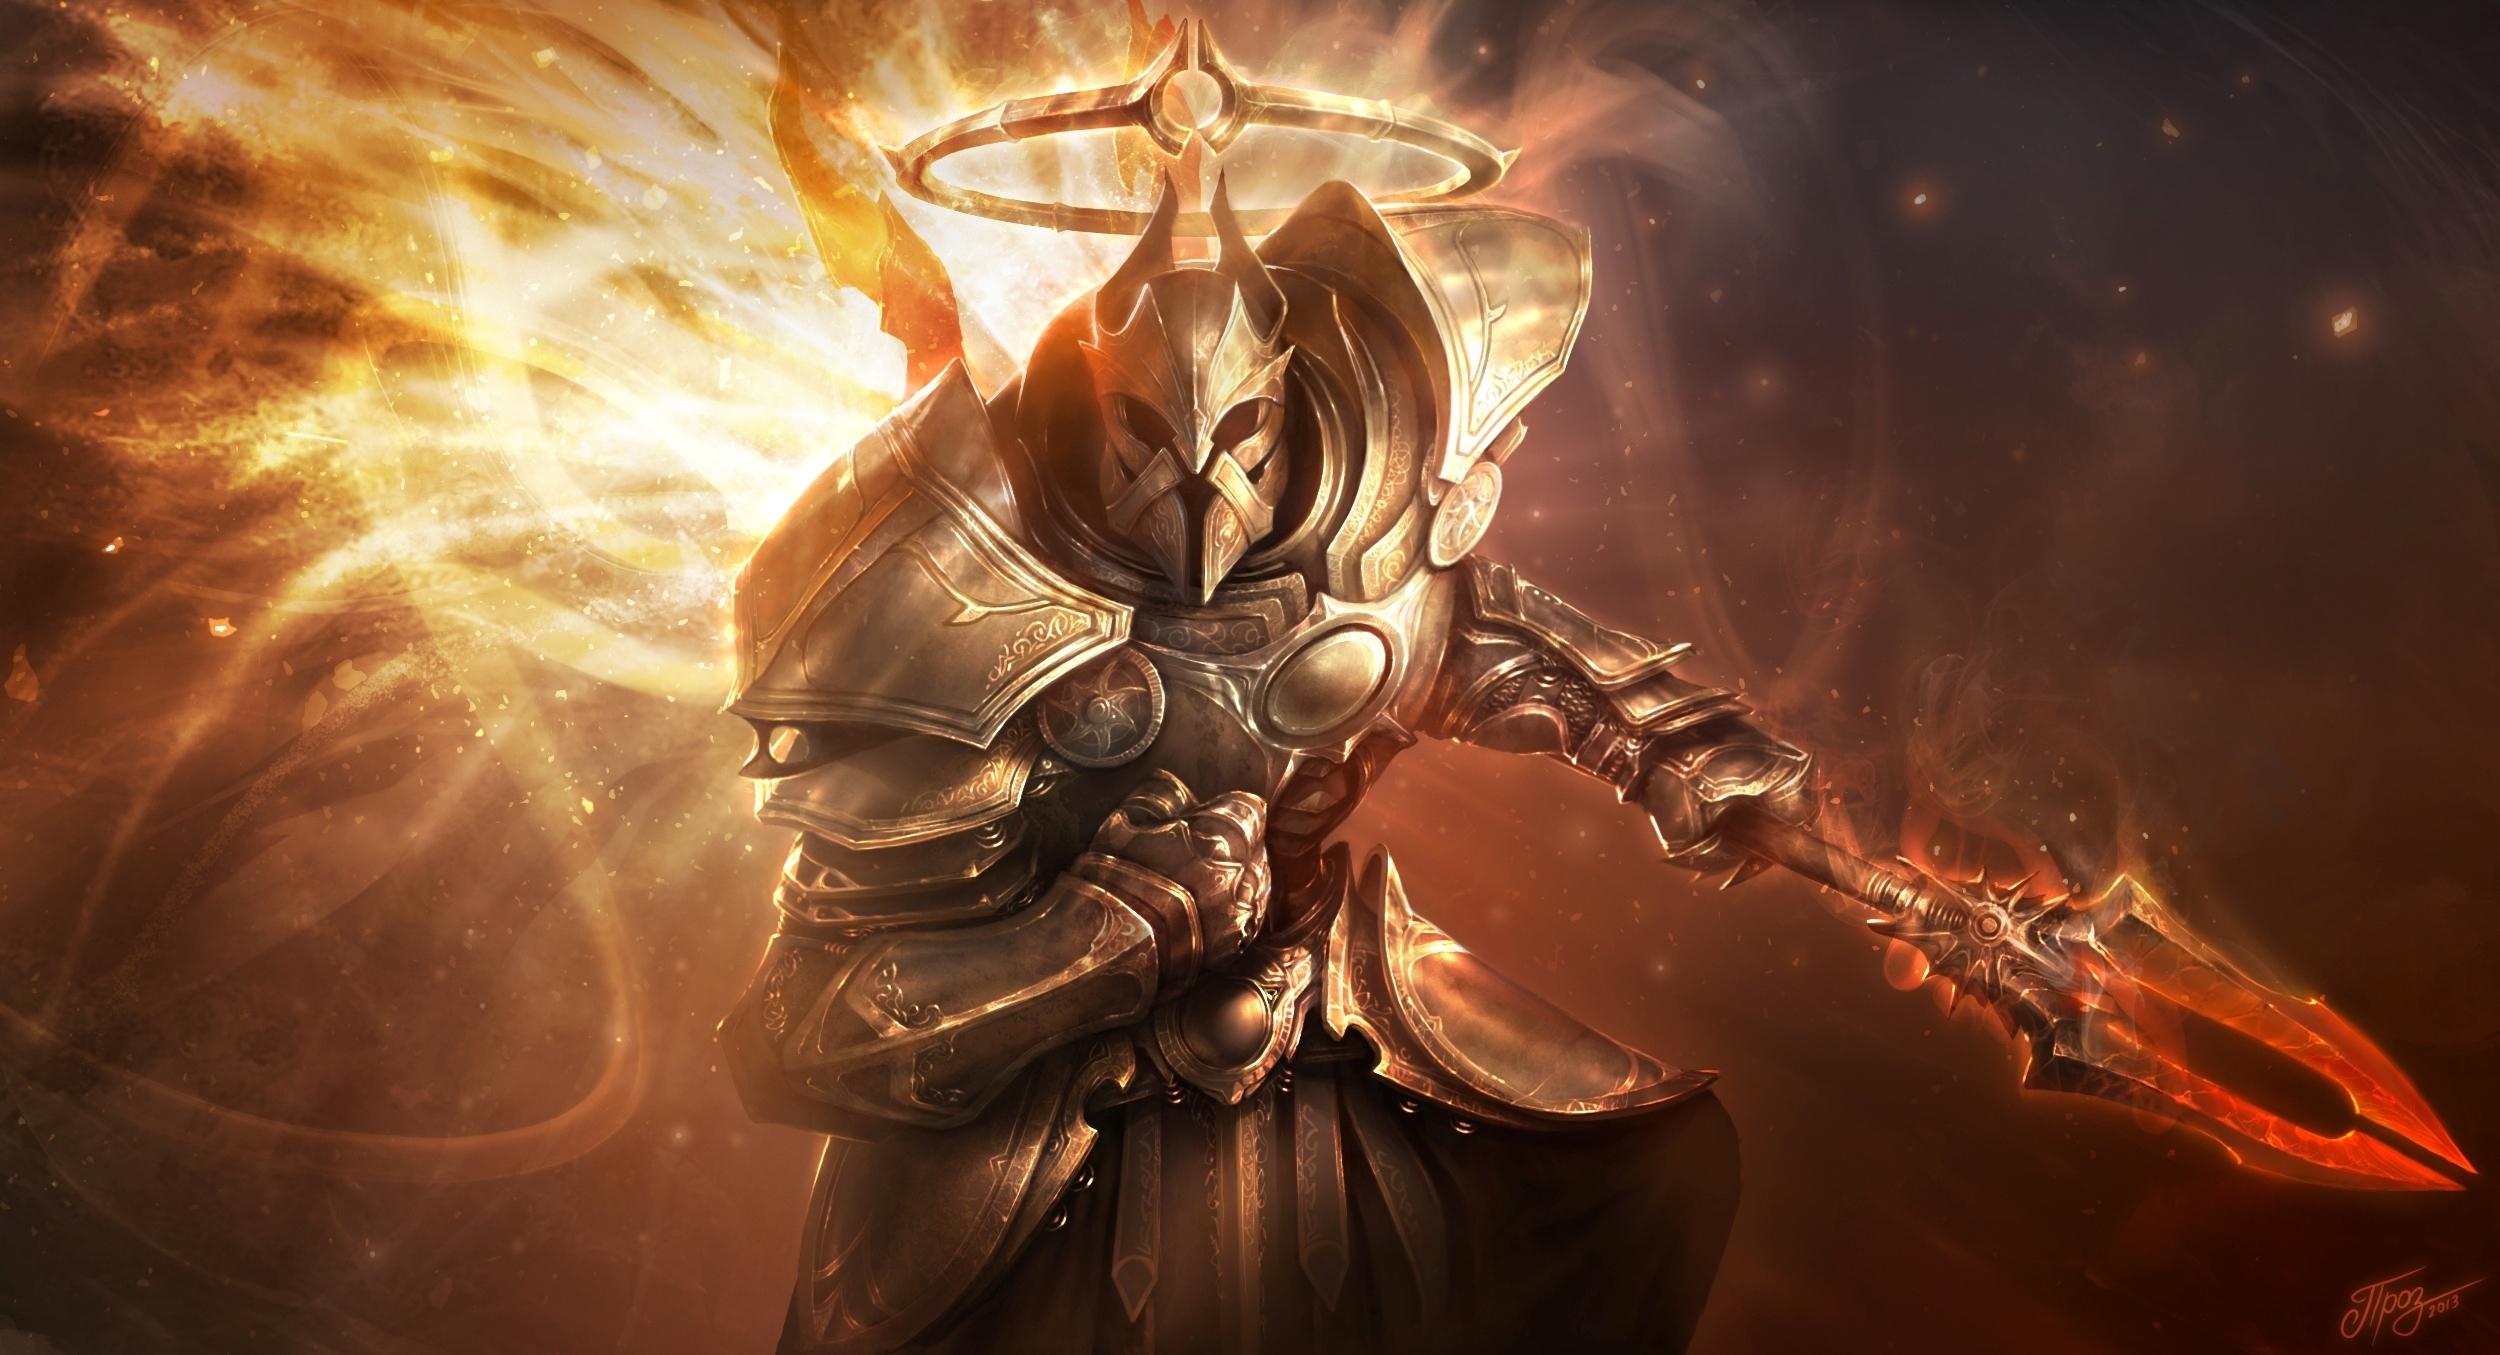 Warriors Armor Helmet Fantasy Warrior Knight Knights Magic